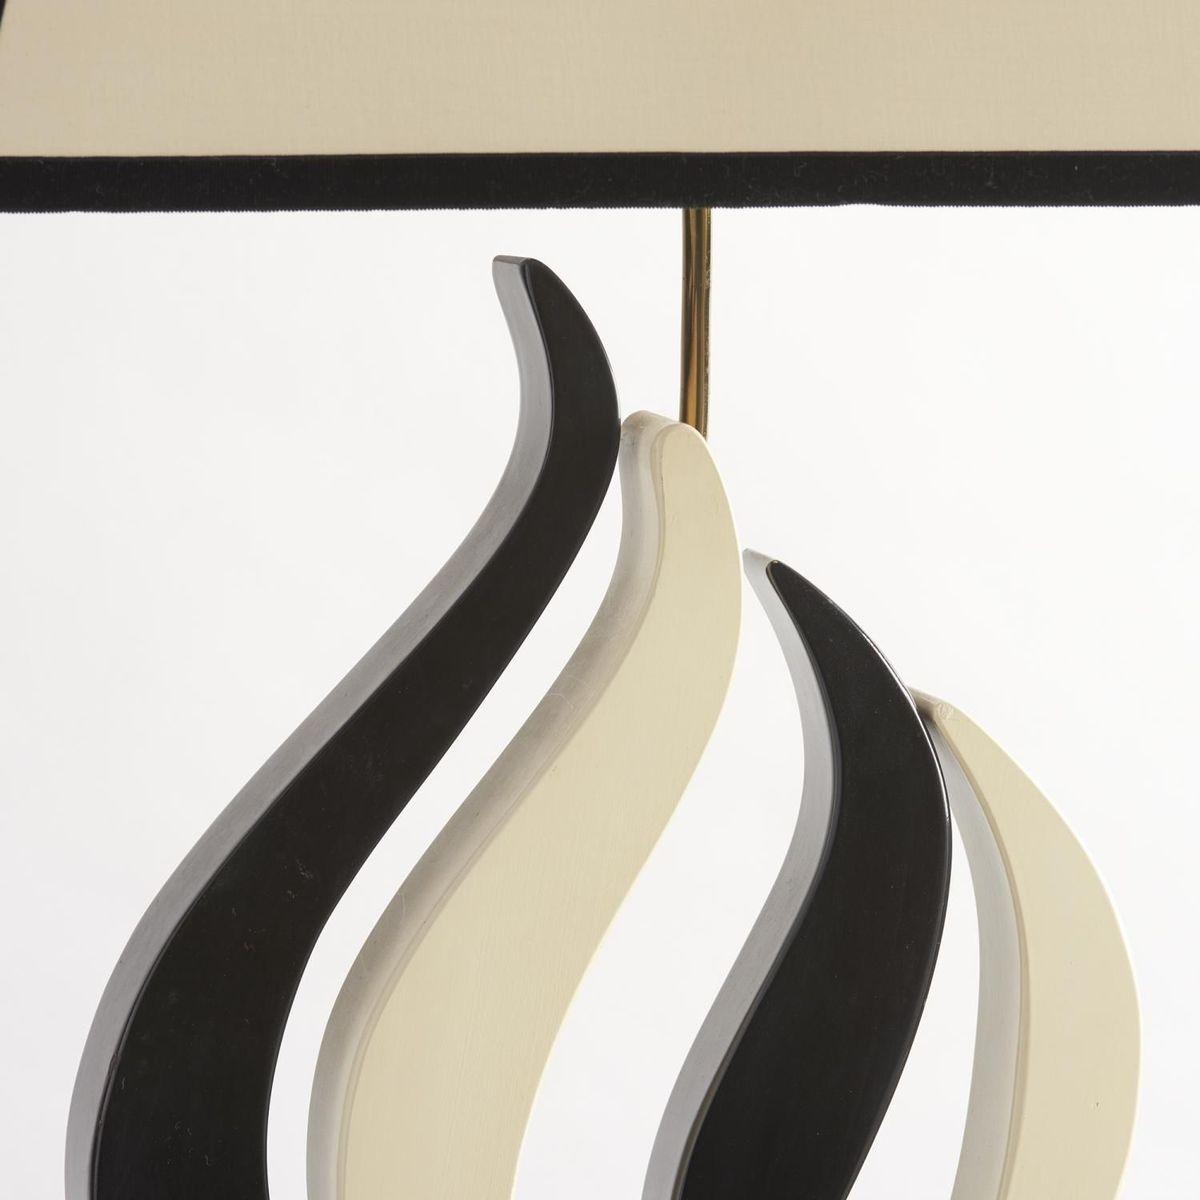 tischlampen aus metall in schwarz und wei 1950er 2er set bei pamono kaufen. Black Bedroom Furniture Sets. Home Design Ideas